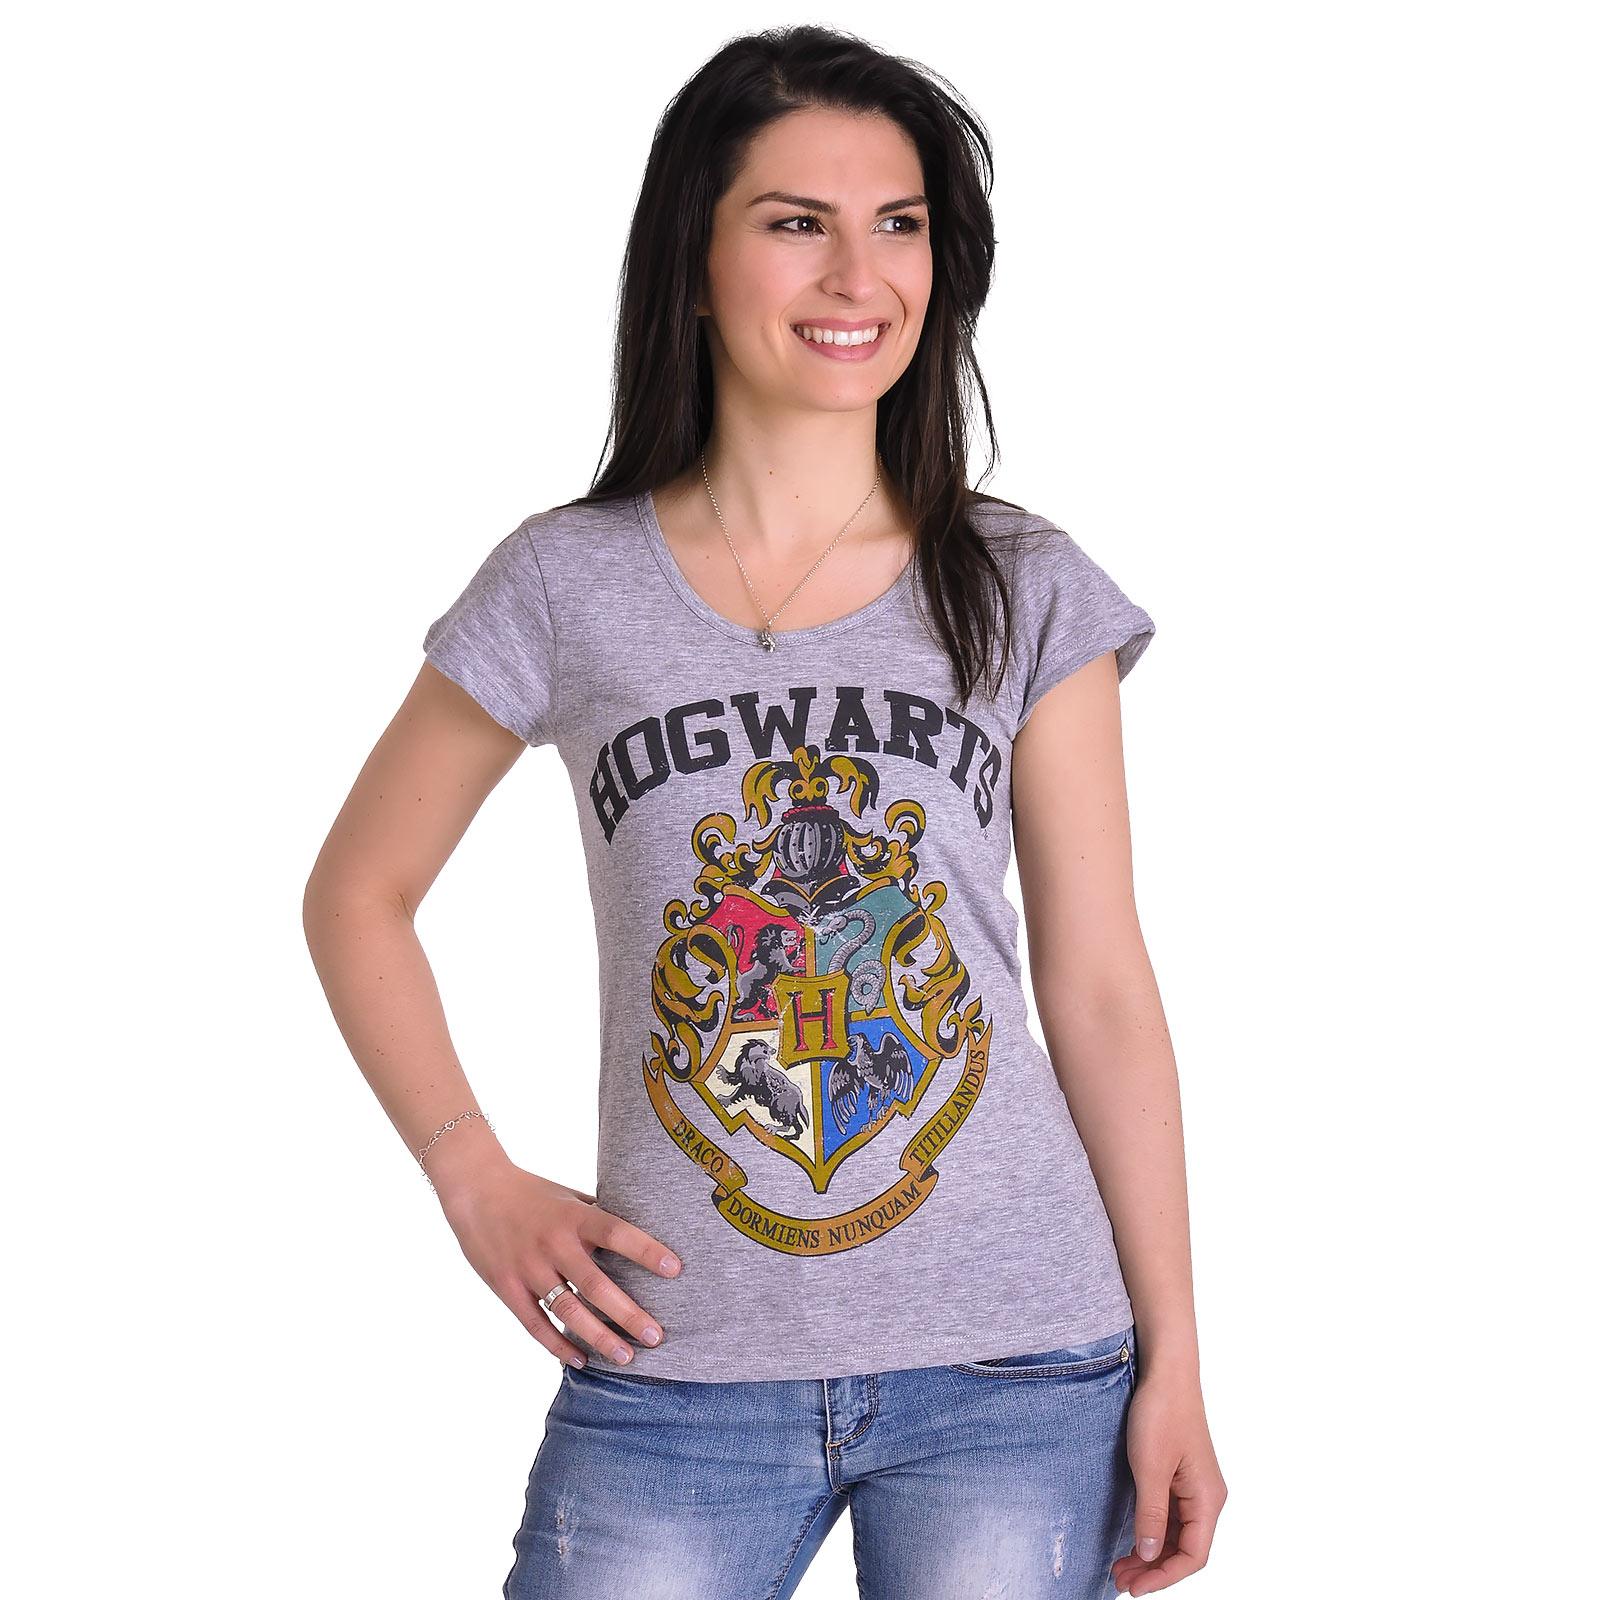 Harry Potter - Hogwarts Girlie Shirt